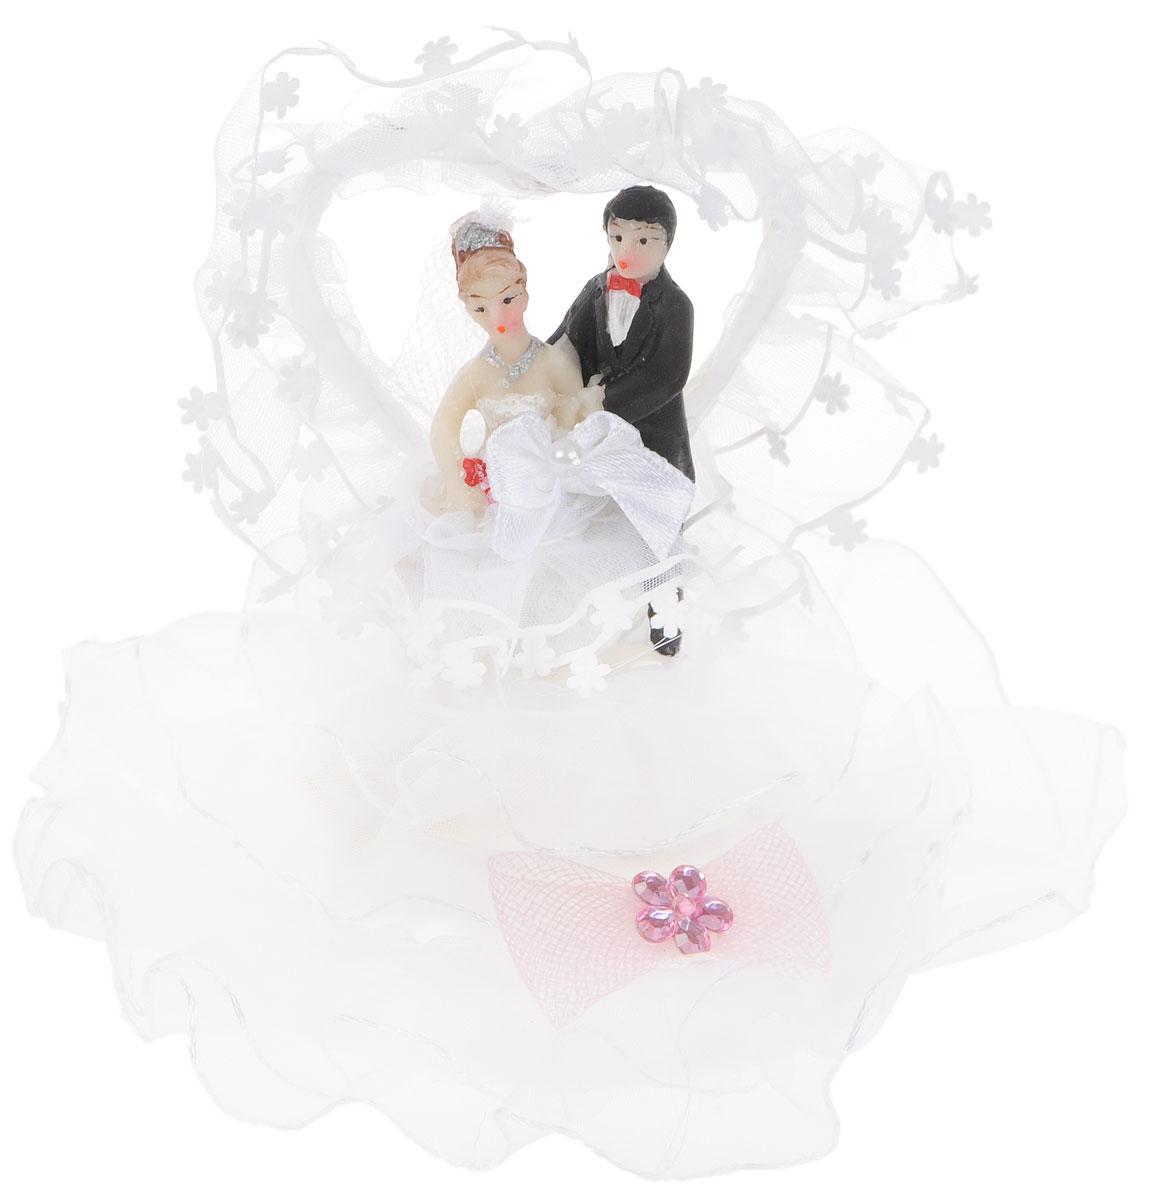 Фигурка декоративная Win Max Жених и невеста, высота 10 см27903Декоративная фигурка Win Max Жених и невеста изготовлена из полистоуна и текстиля. Изделие представляет собой круглую подставку с фигурками жениха и невесты, украшенных тесьмой и стразами. Такая фигурка идеально впишется в свадебный интерьер и будет радовать вас своим видом в самый важный день в вашей жизни. Высота фигурки: 10 см.